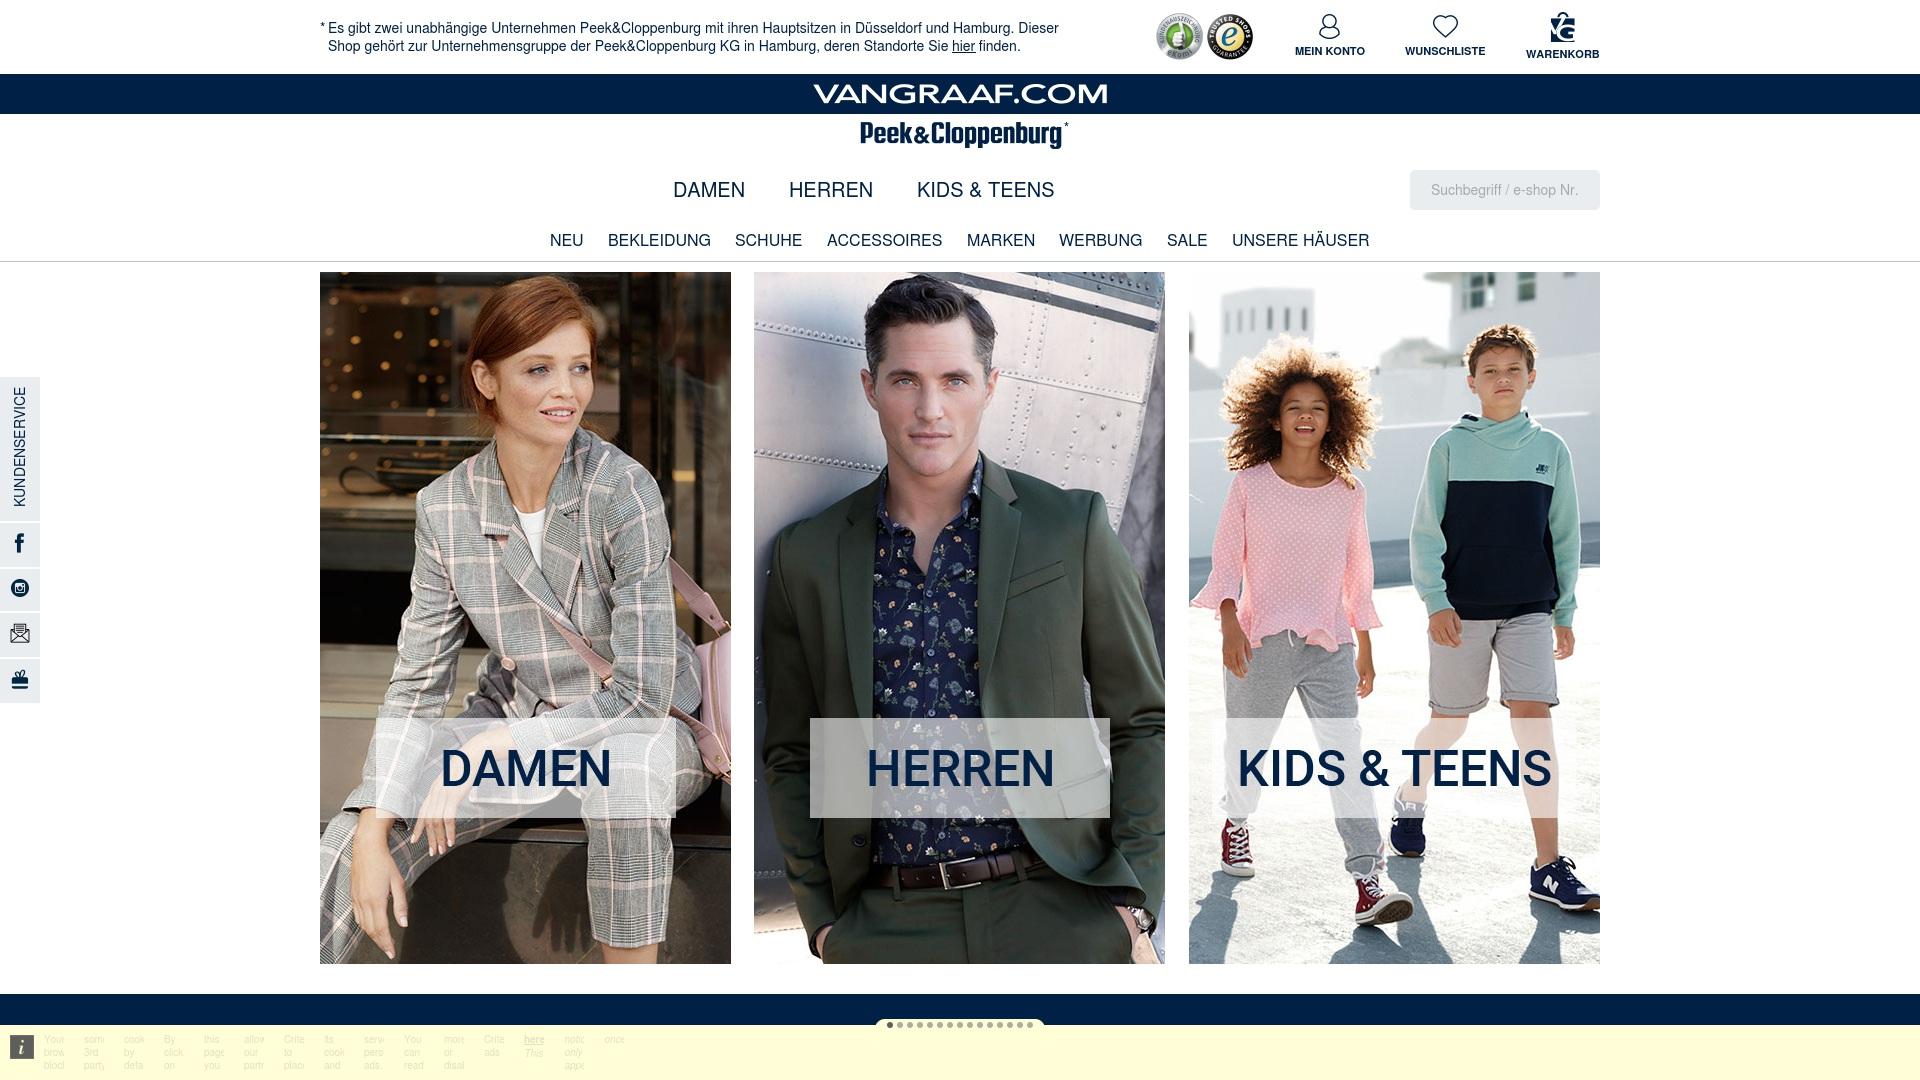 Geld zurück bei Vangraaf: Jetzt im April 2021 Cashback für Vangraaf sichern